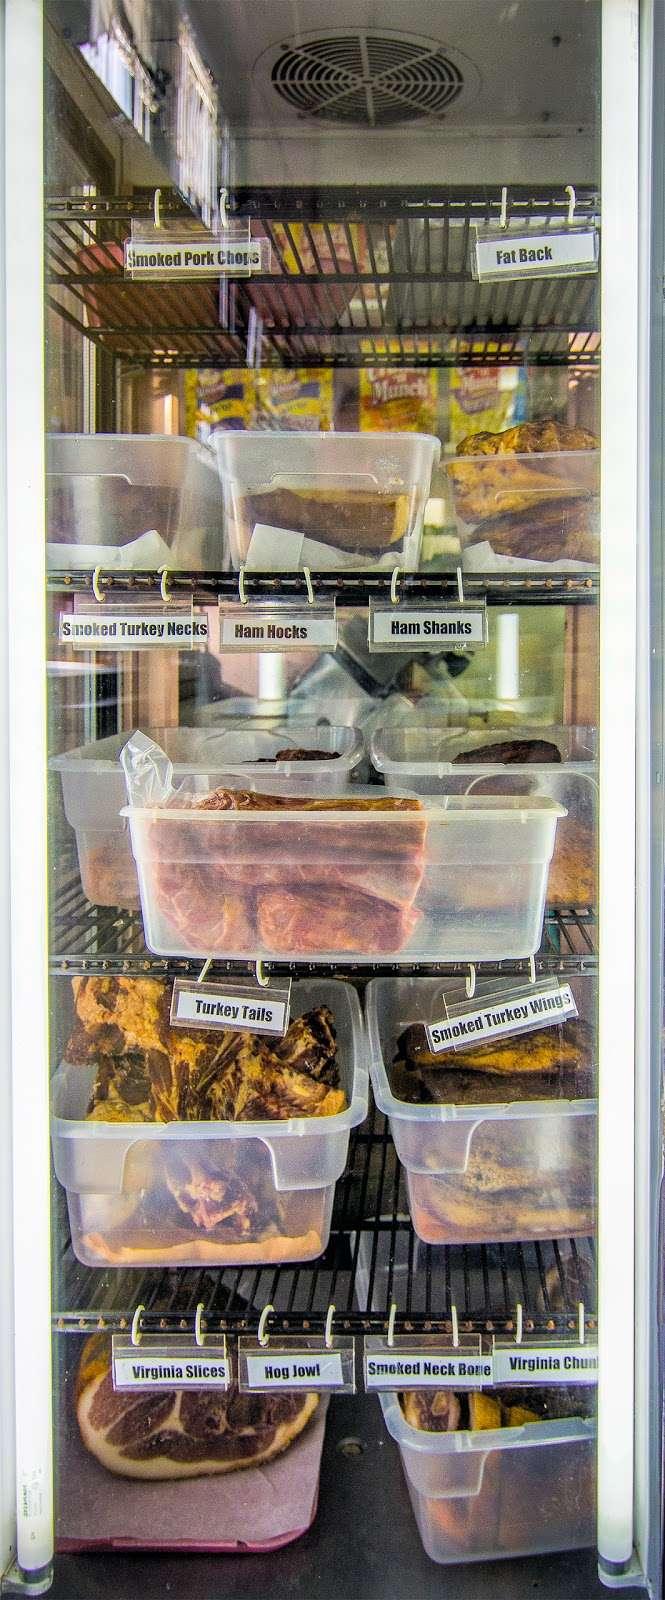 Sams Wadsworth Meat Market - store  | Photo 8 of 10 | Address: 1524 Wadsworth Ave, Philadelphia, PA 19150, USA | Phone: (215) 248-5005